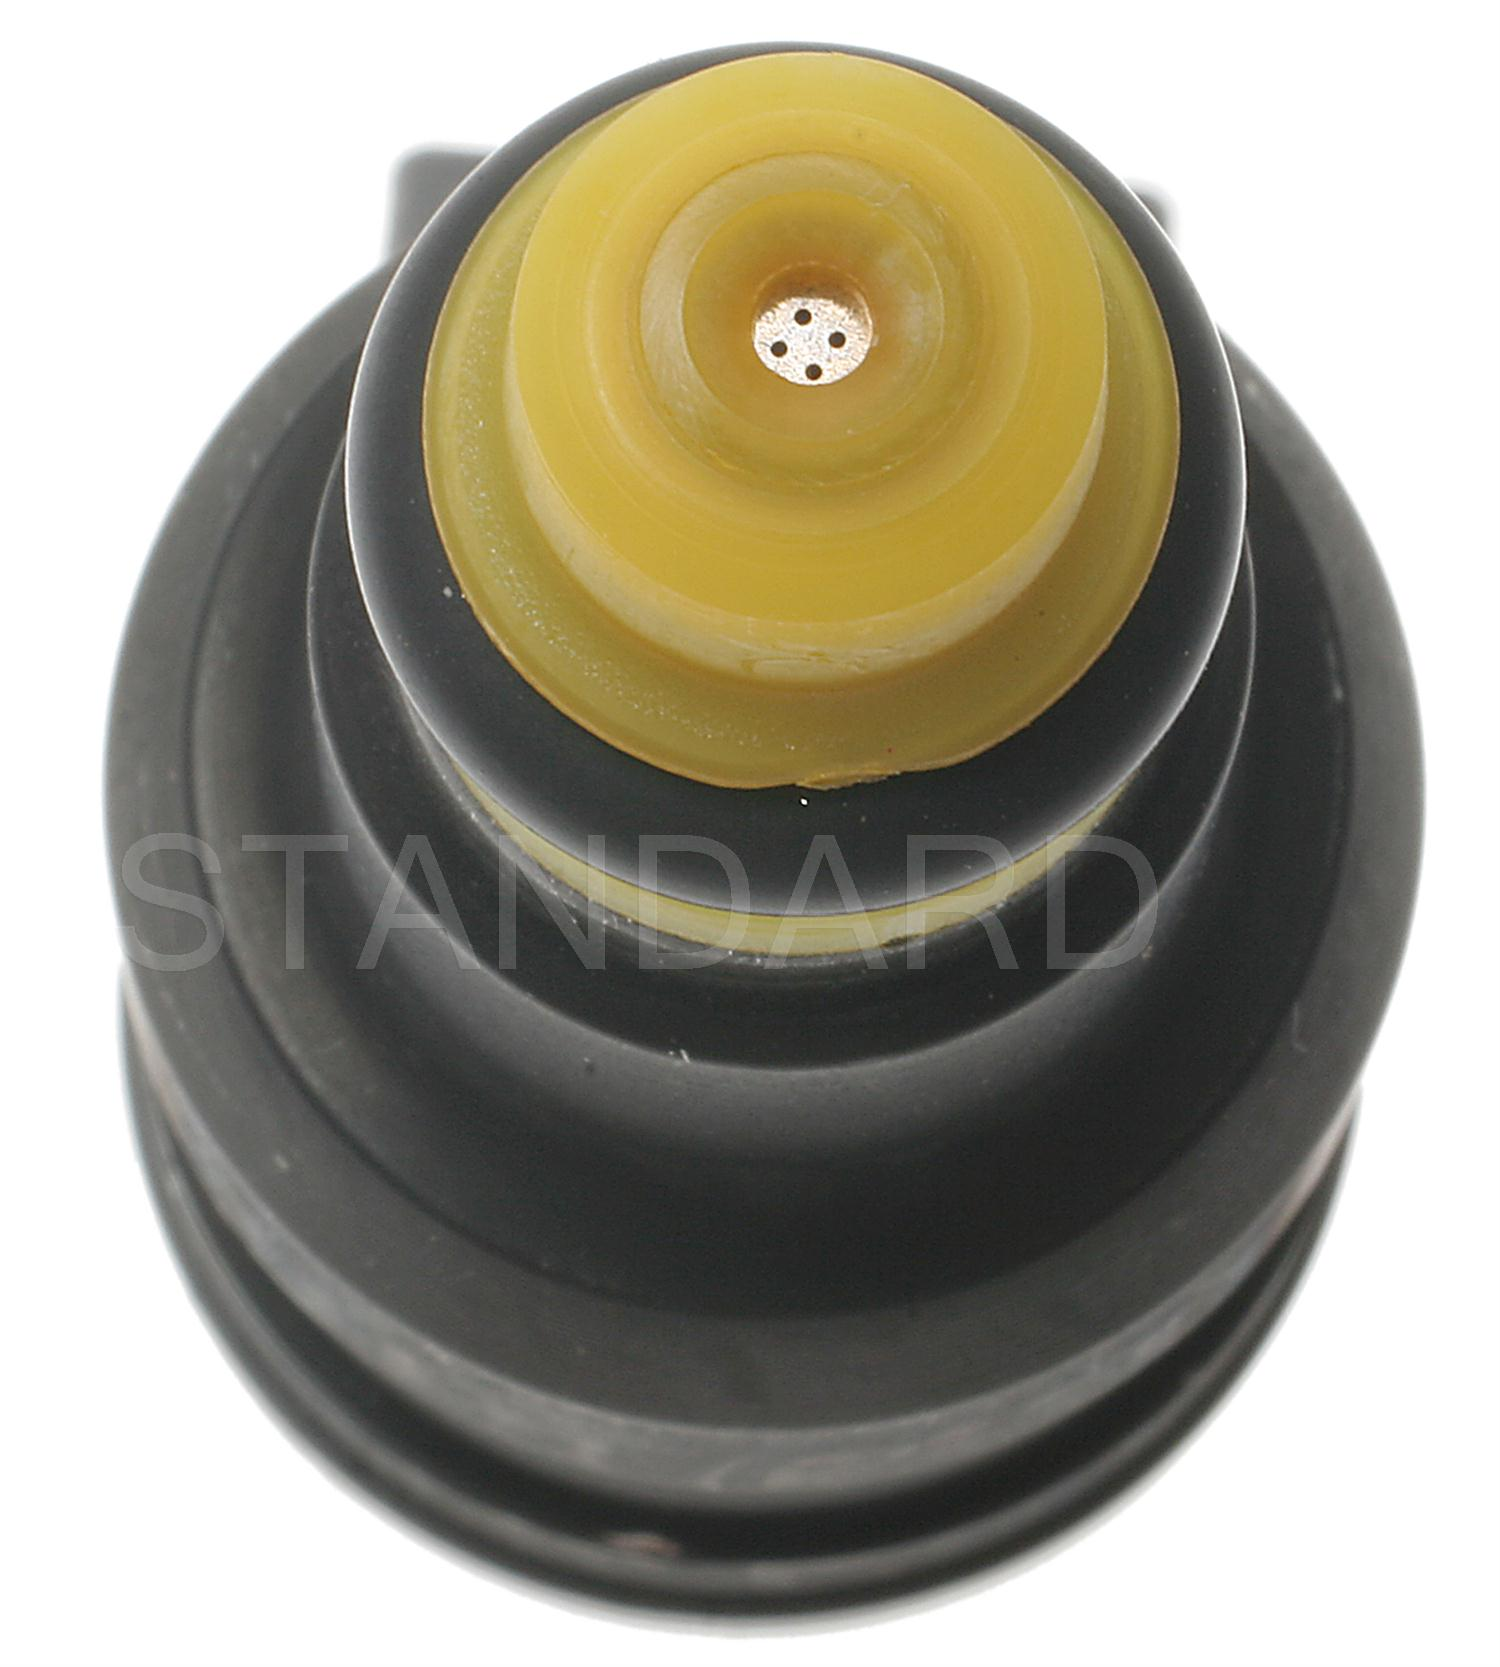 Fuel Injector Standard FJ308 fits 1998 Ford Windstar 3.8L-V6